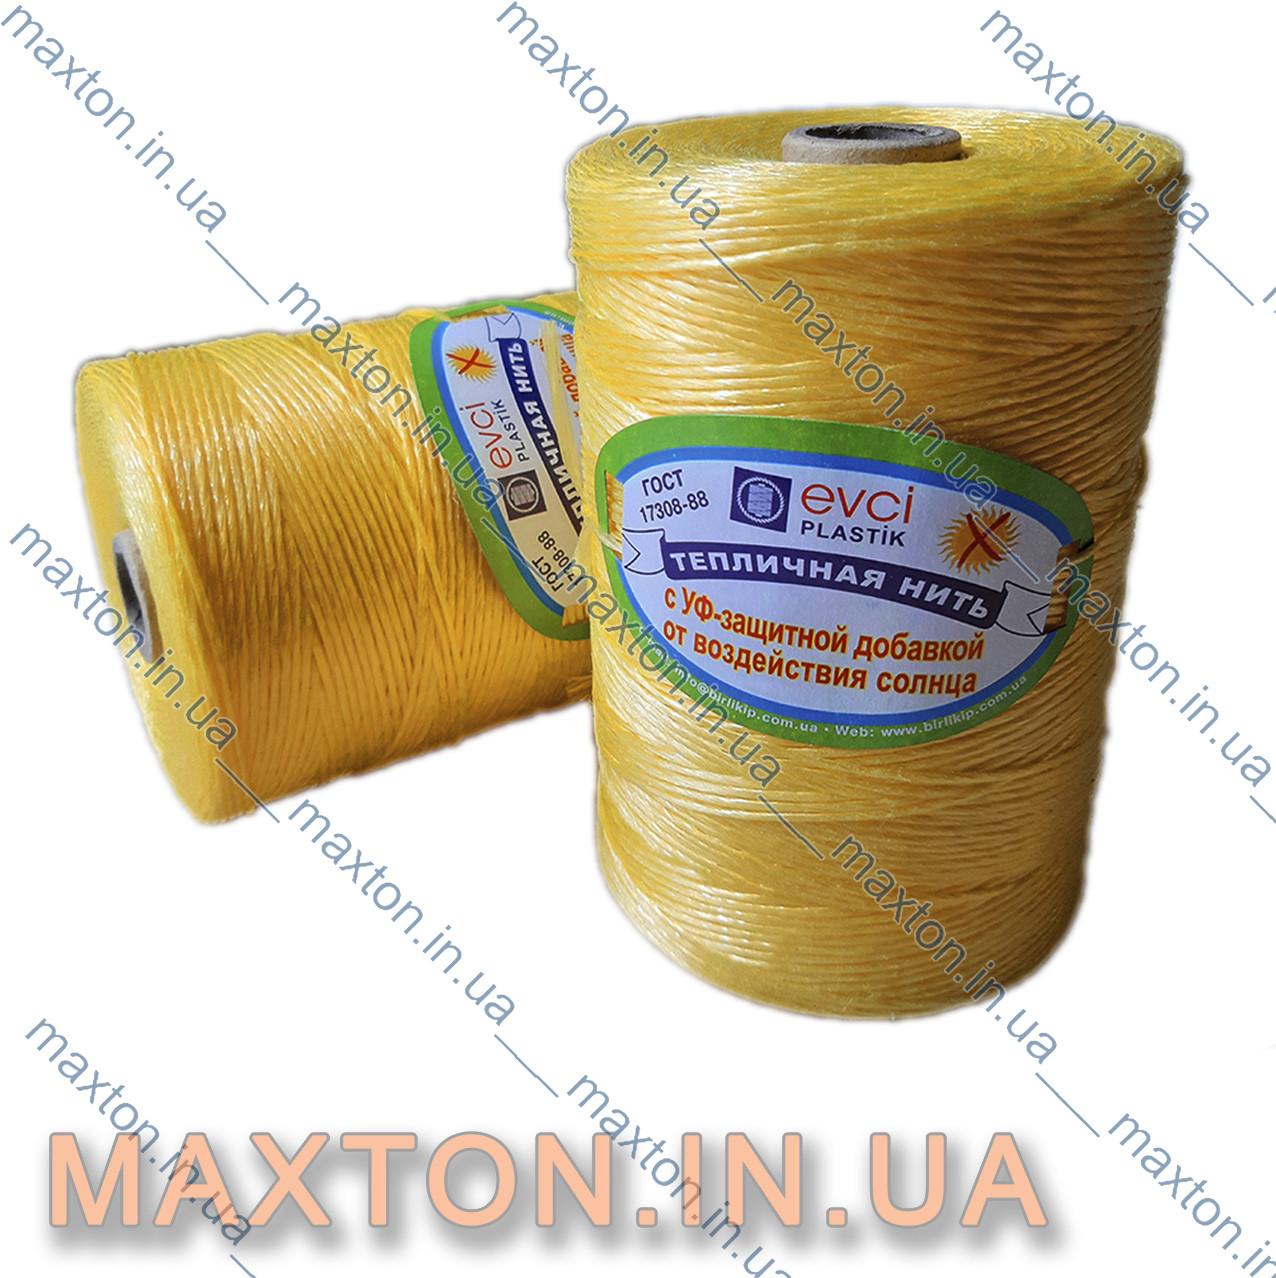 Шпагат подвязочный 500 грамм нить полипропиленовая с защитой от ультрафиолета желтый